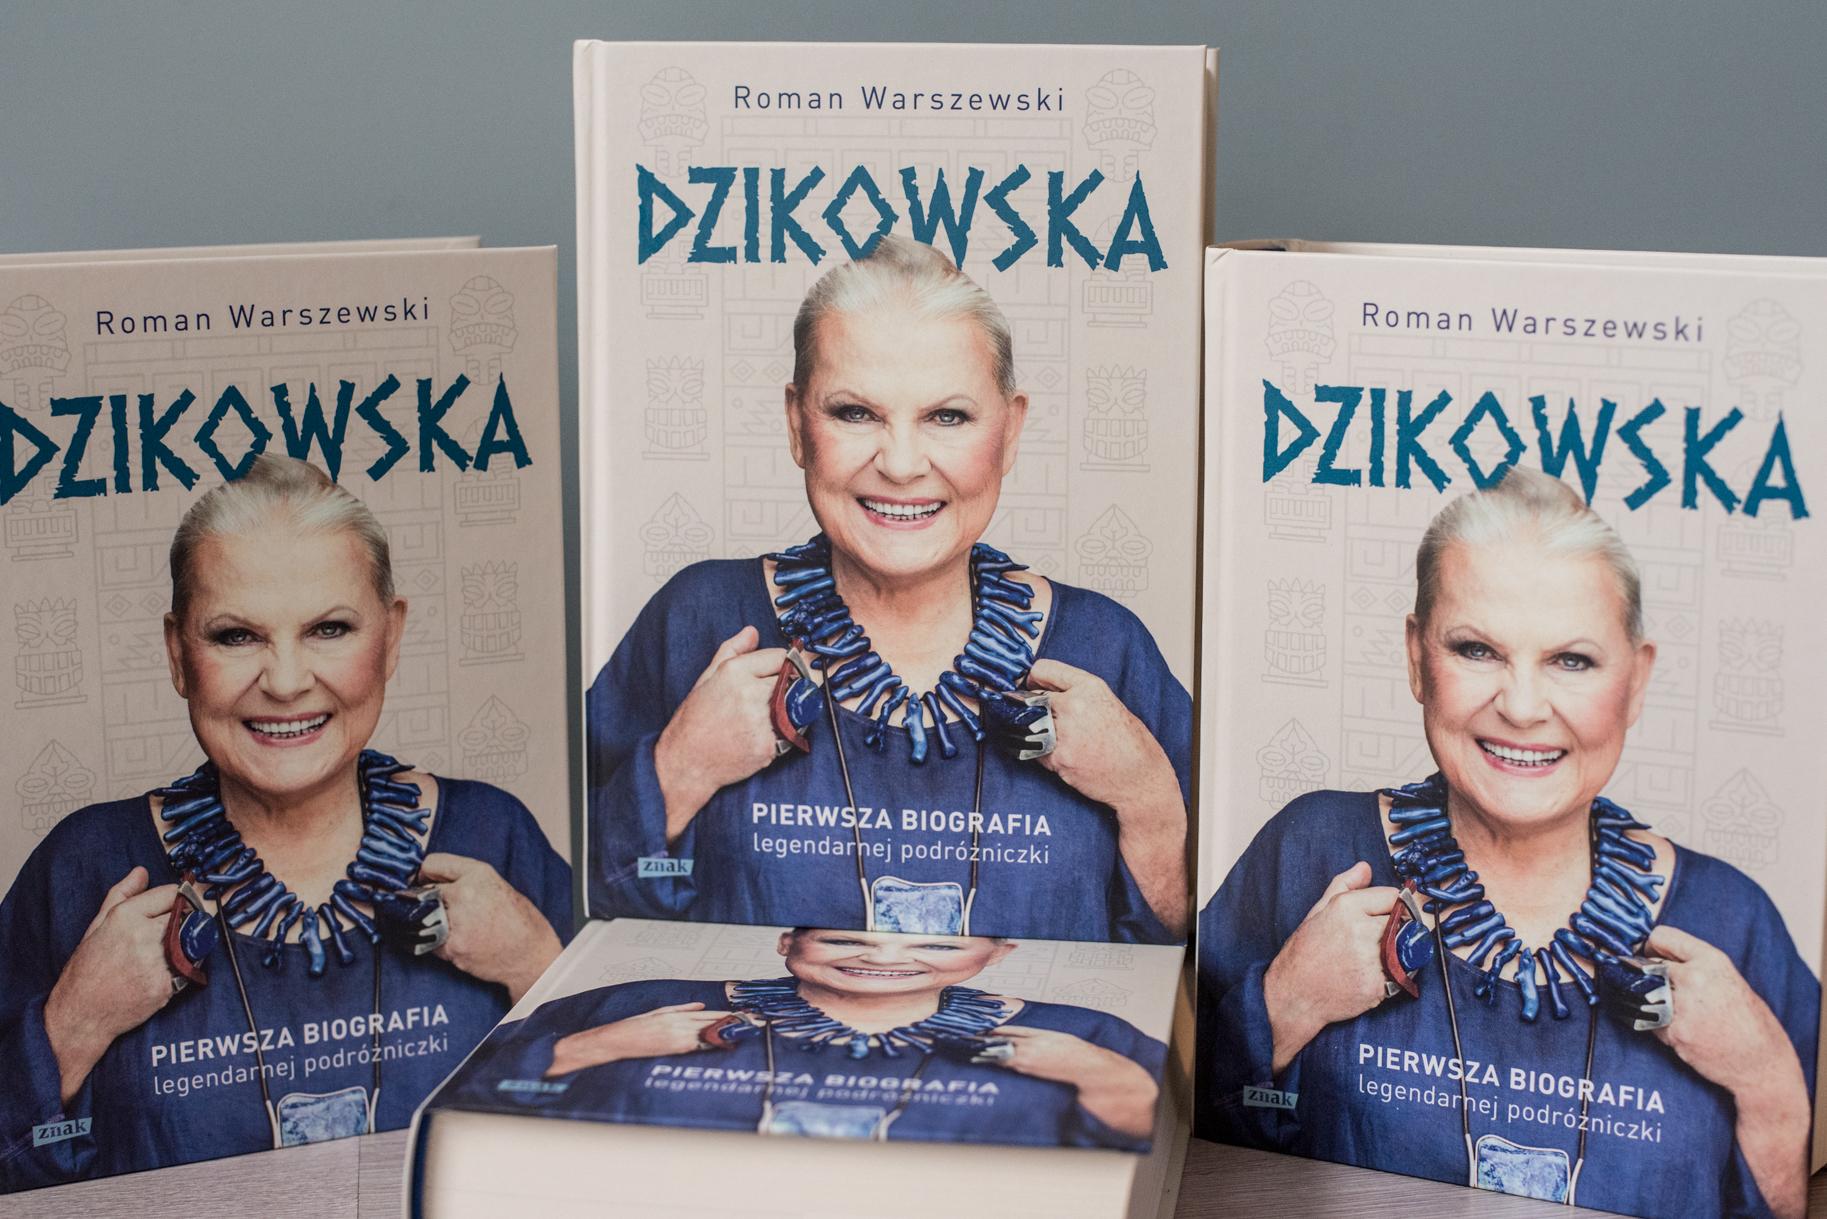 Podróżniczka Elżbieta Dzikowska